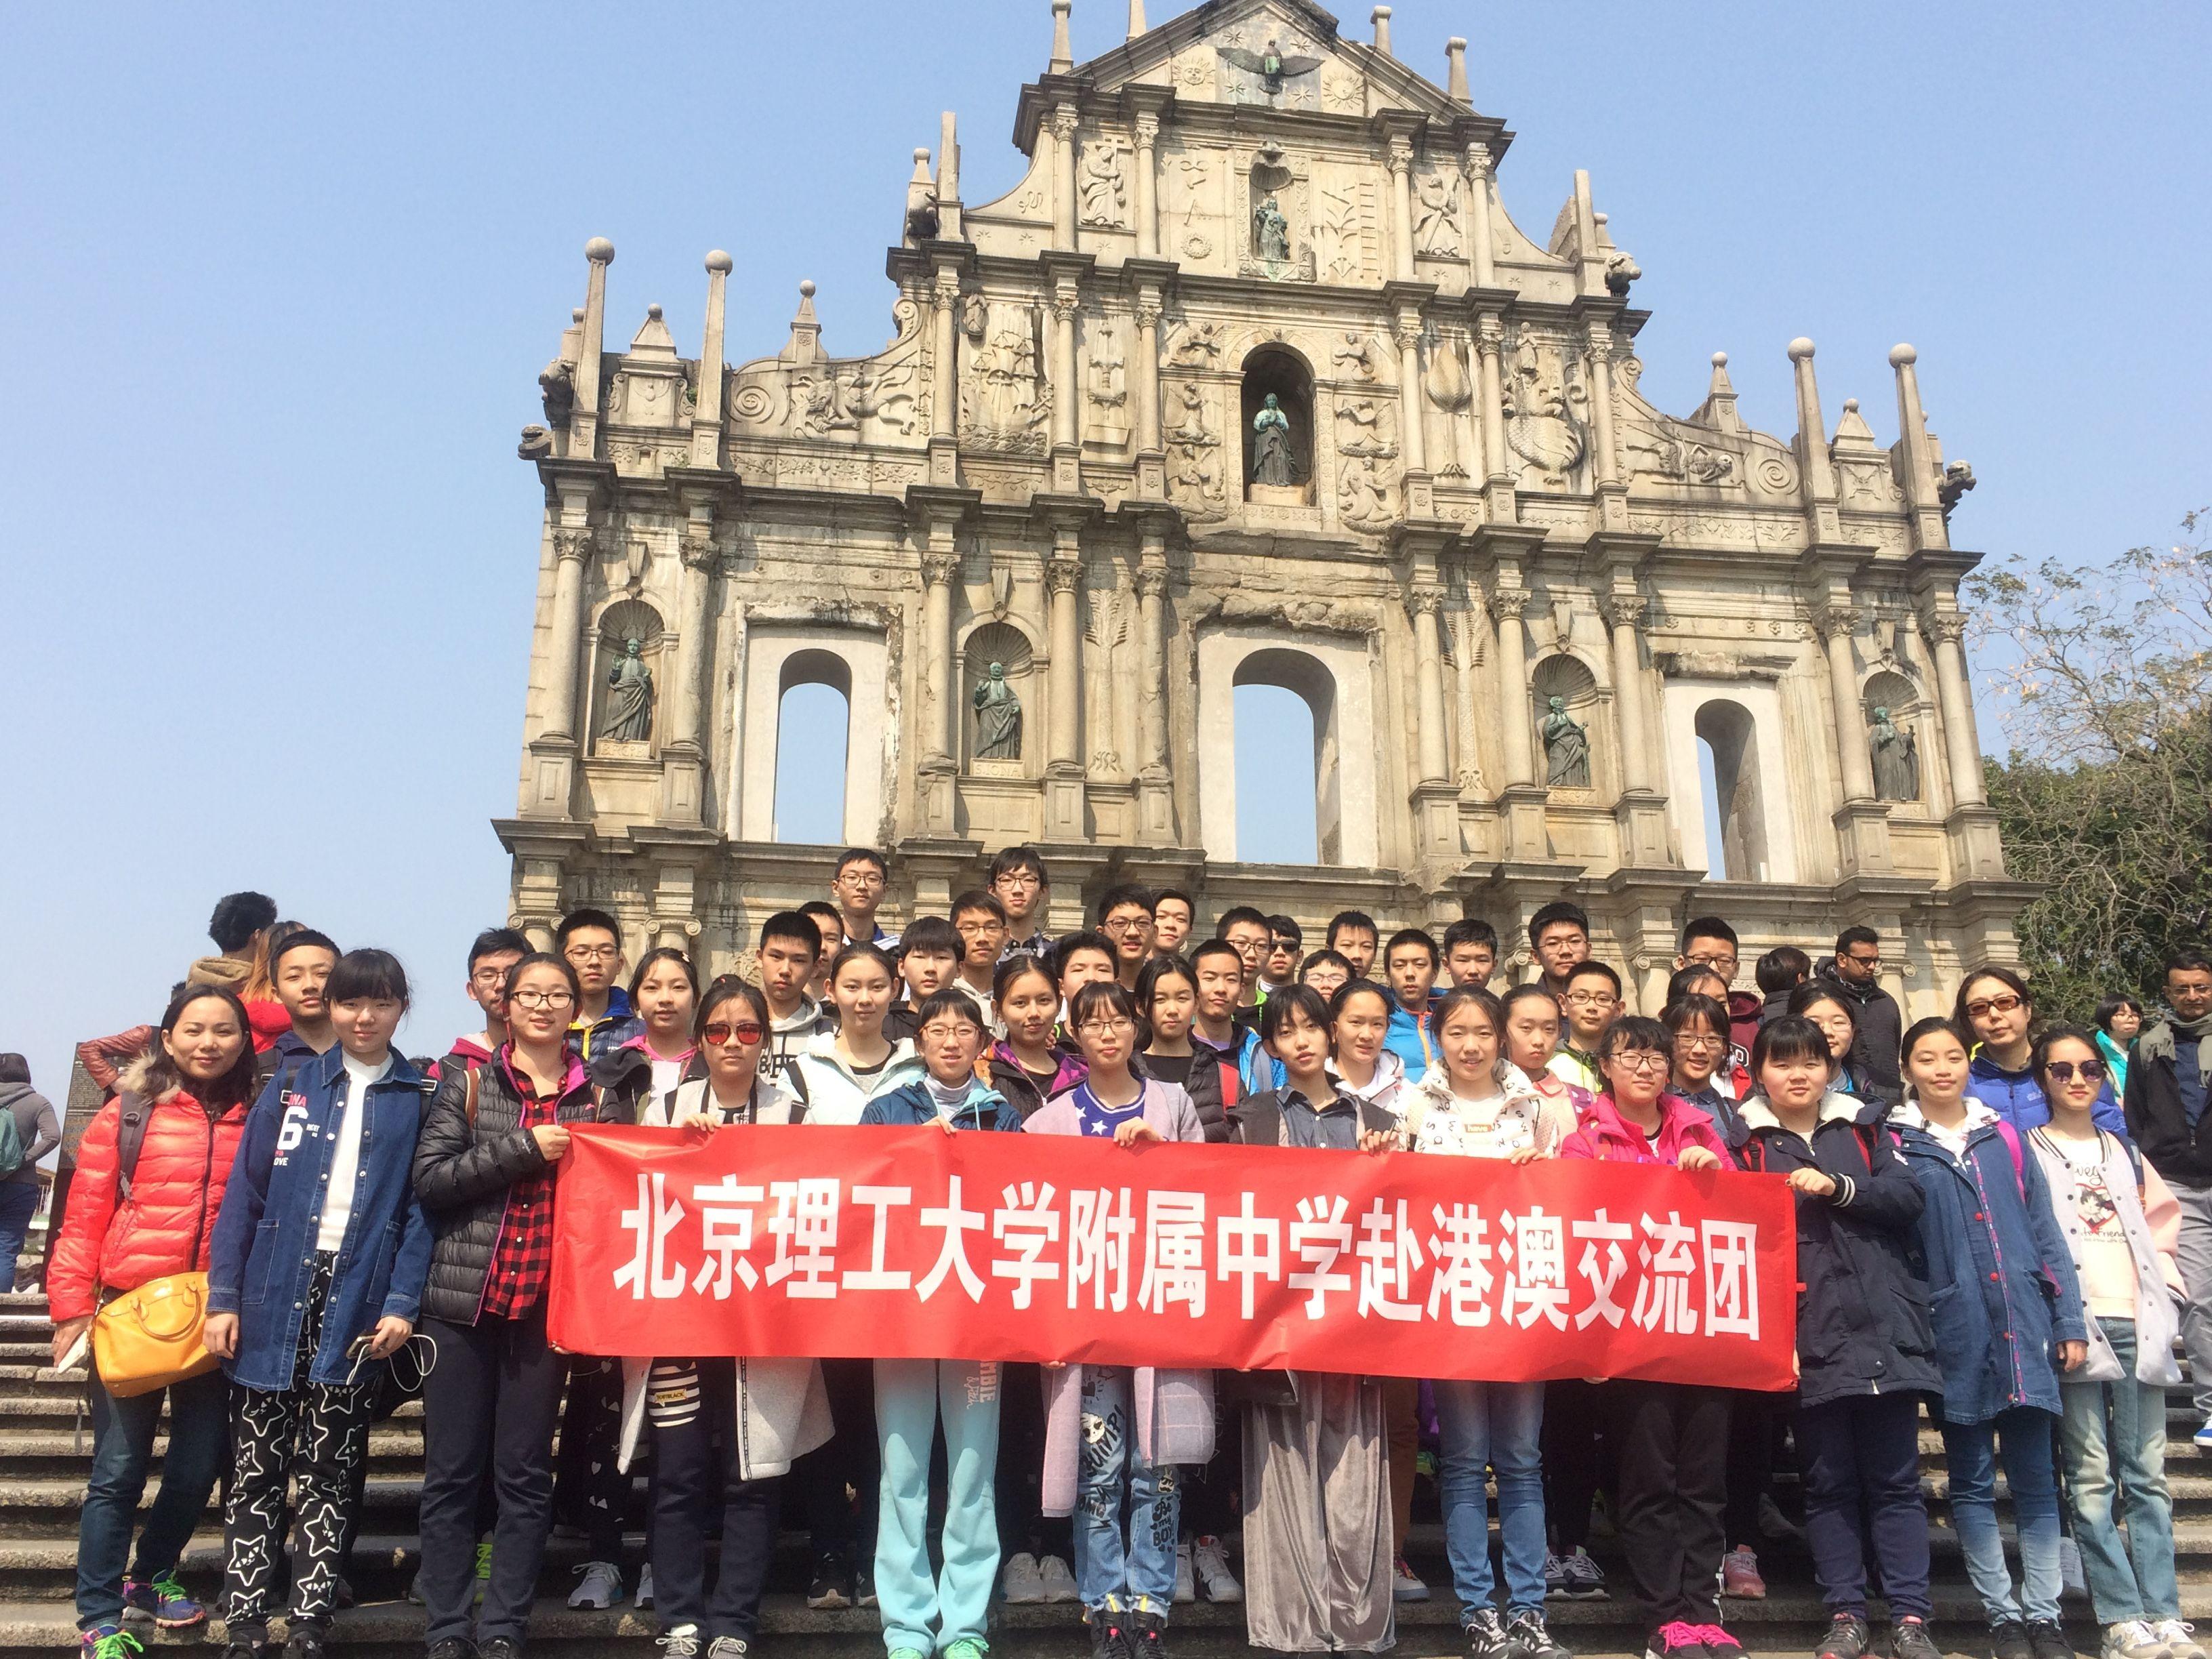 香港的时光,我们的时光—— 初三学生香港澳门游学记录